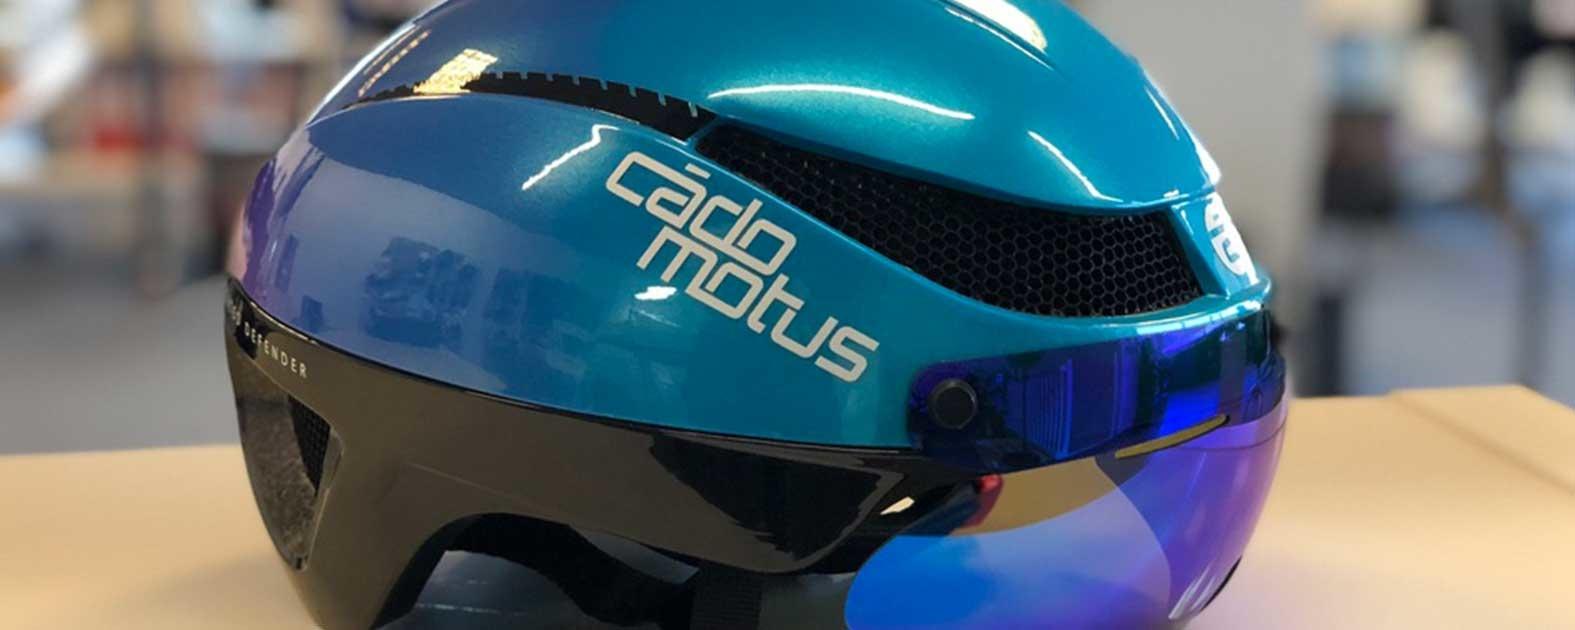 Zeer goed geventileerde Aero helm